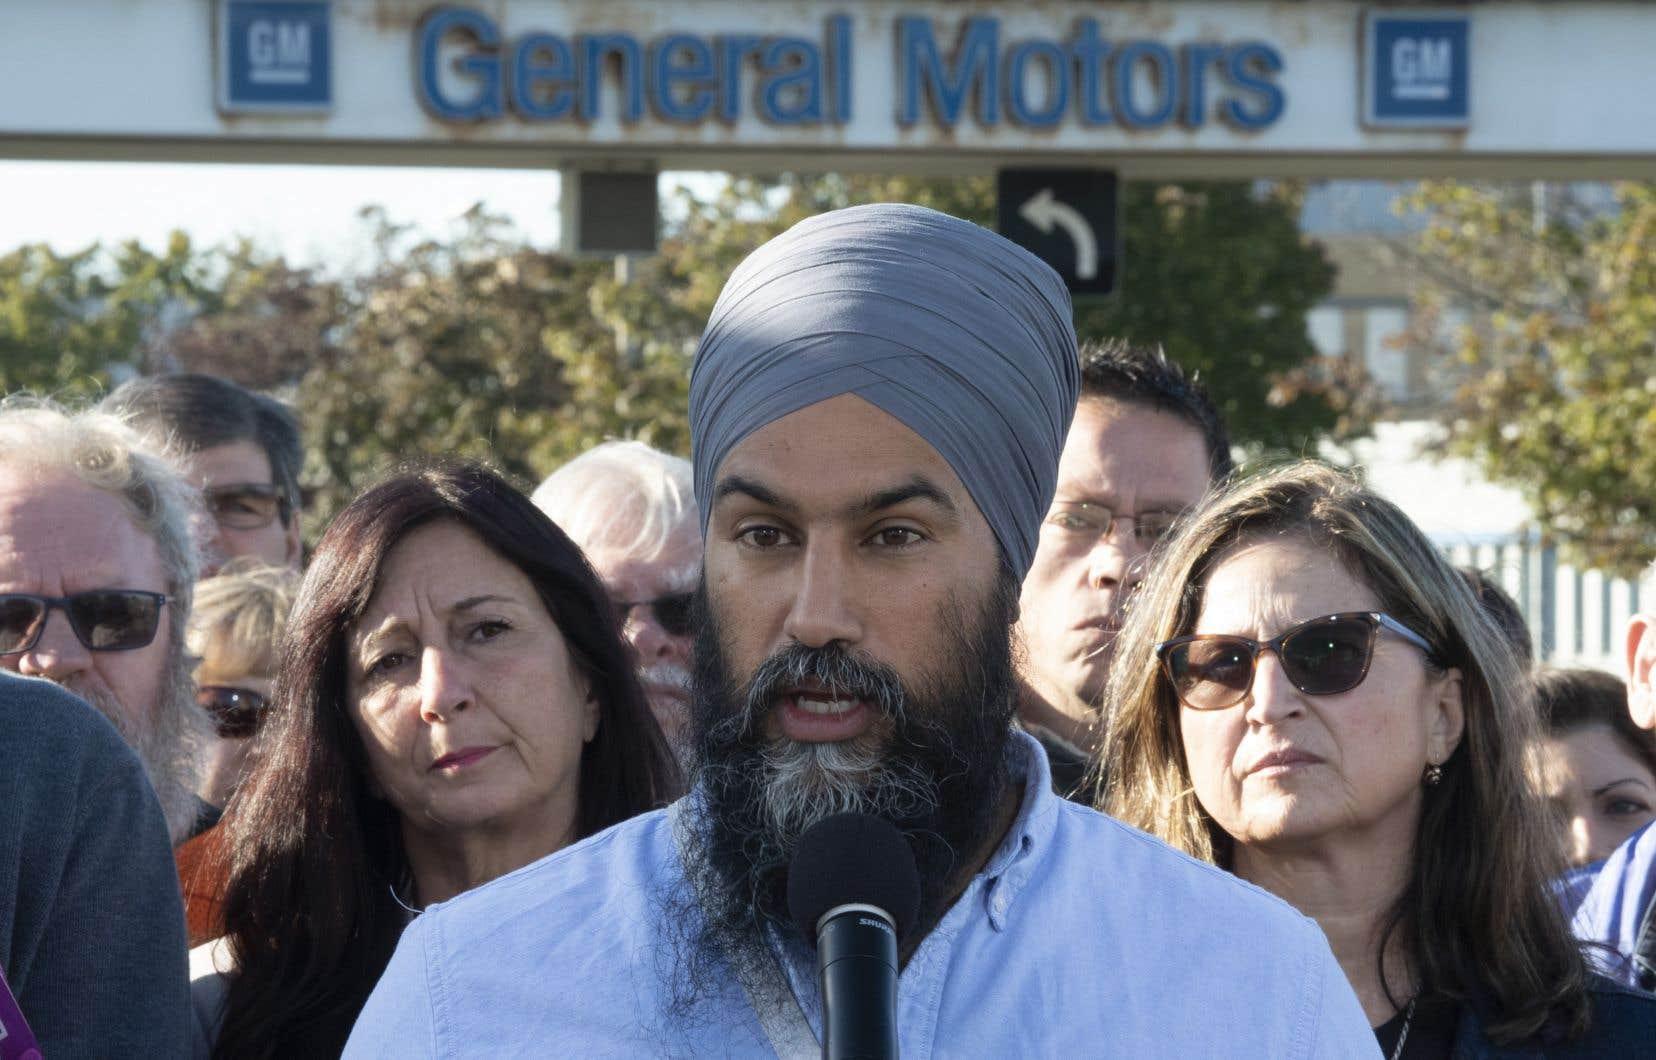 De passage à Oshawa, au coeur du secteur automobile canadien, M.Singh avait bien choisi l'endroit pour parler de ce sujet: devant l'usine d'assemblage de GM qui doit fermer ses portes d'ici la fin de l'année.